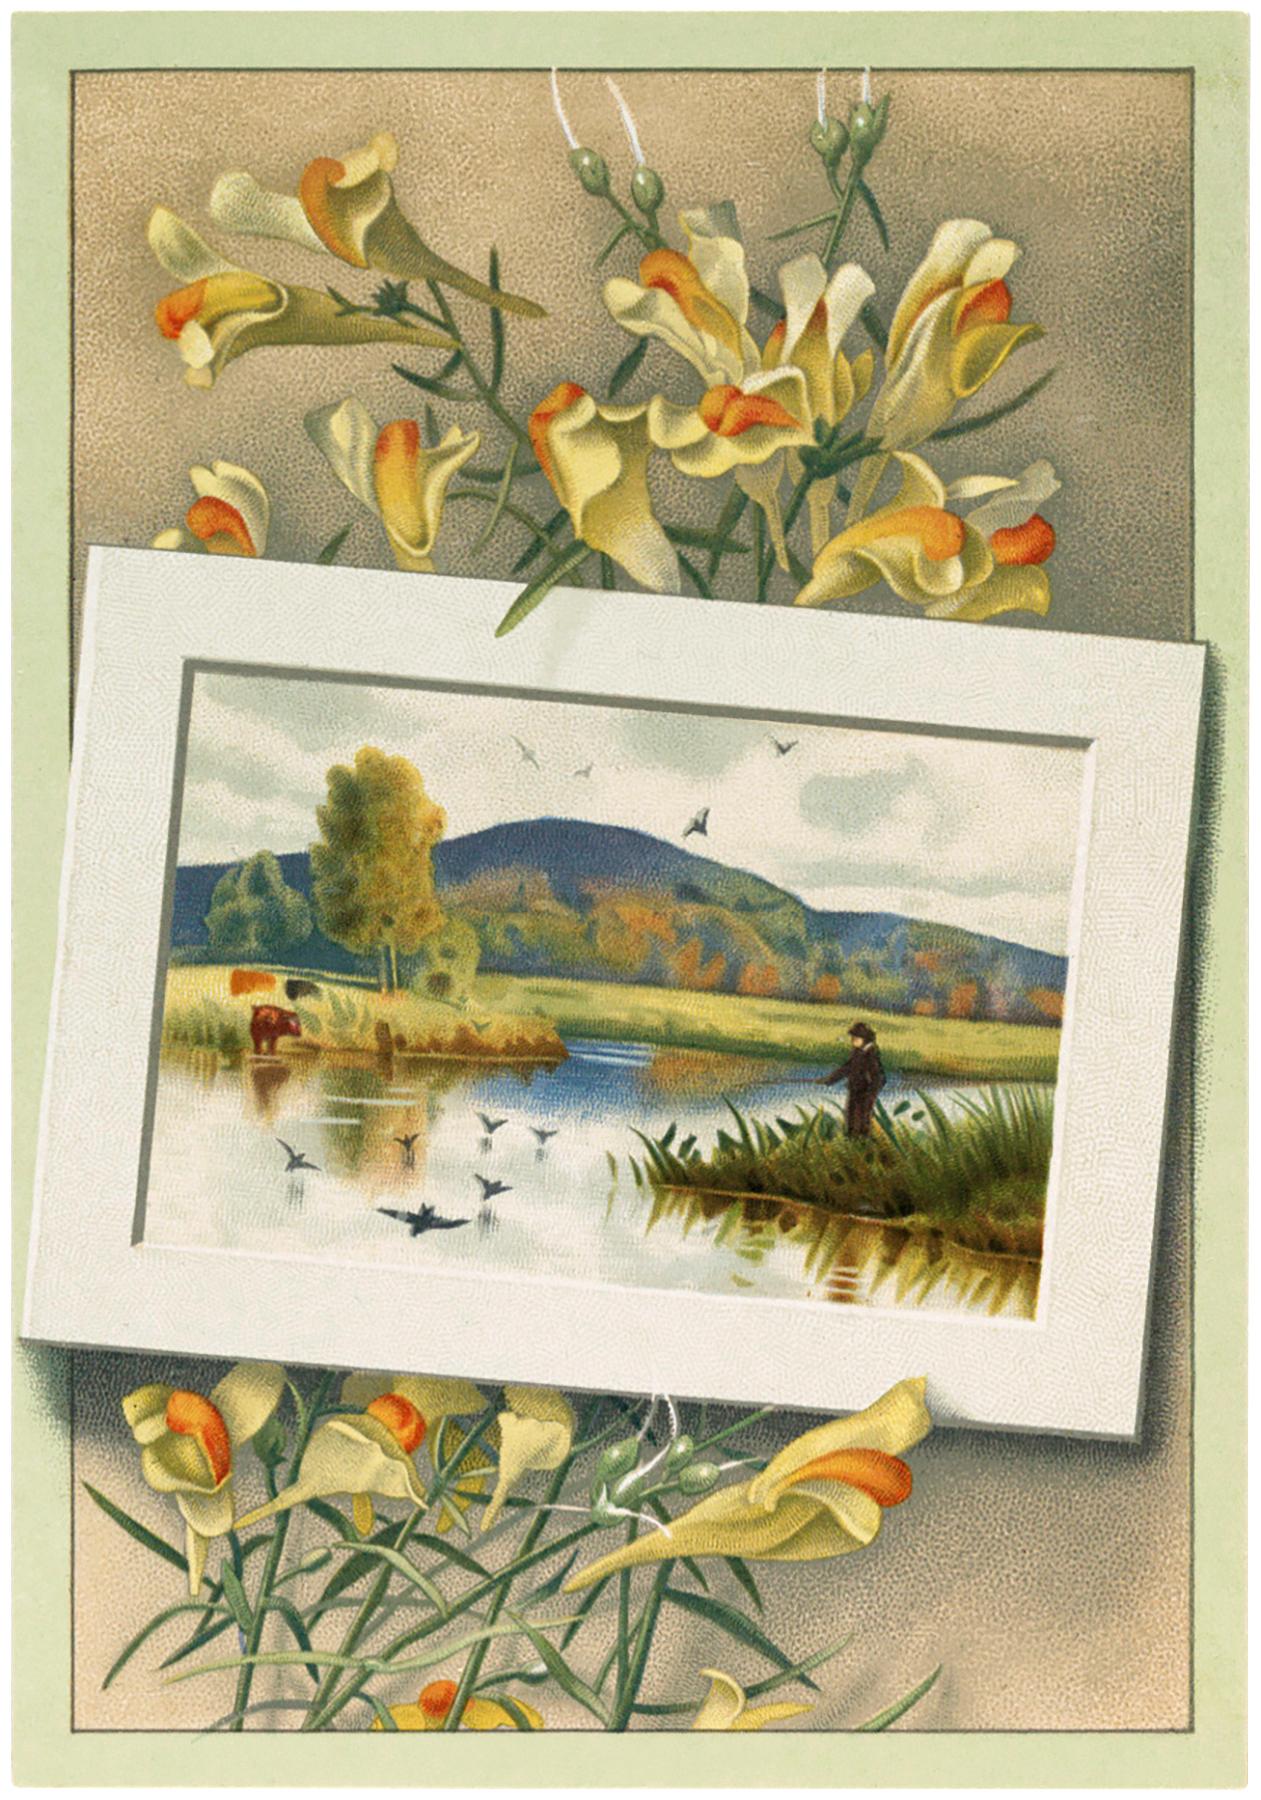 Vintage Floral Landscape Image